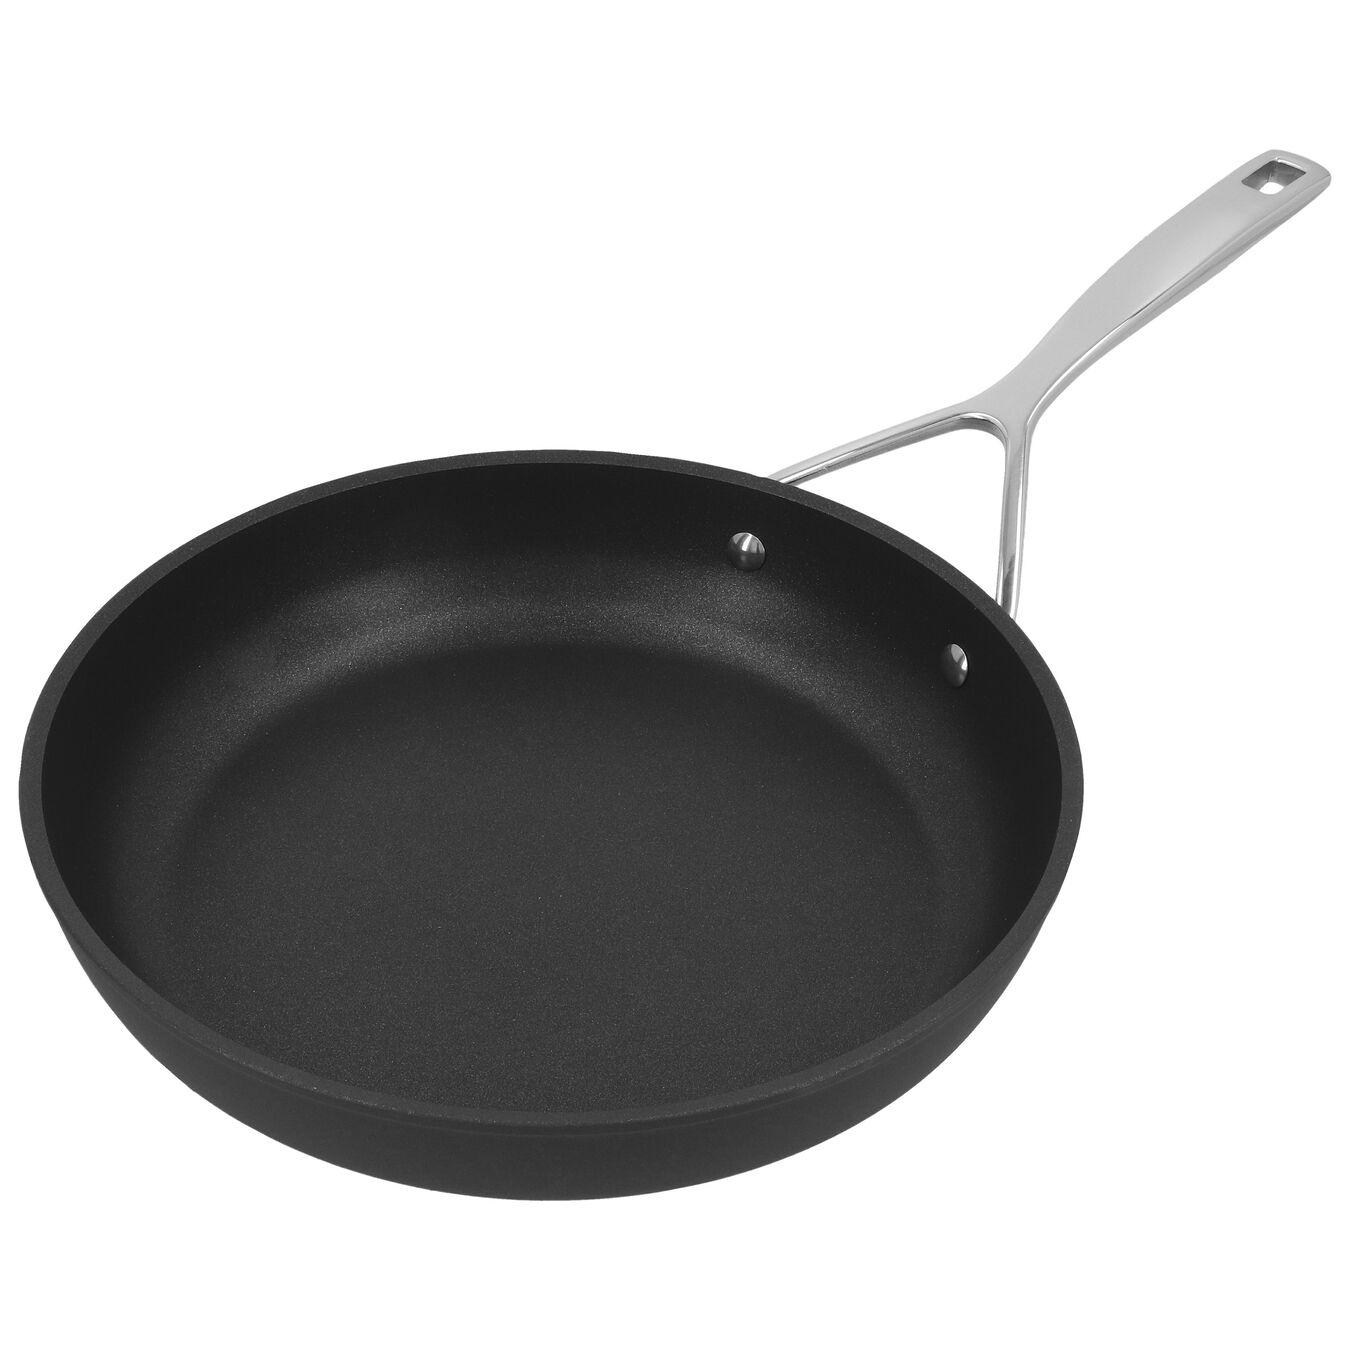 Koekenpan Zilver-zwart 26 cm,,large 4